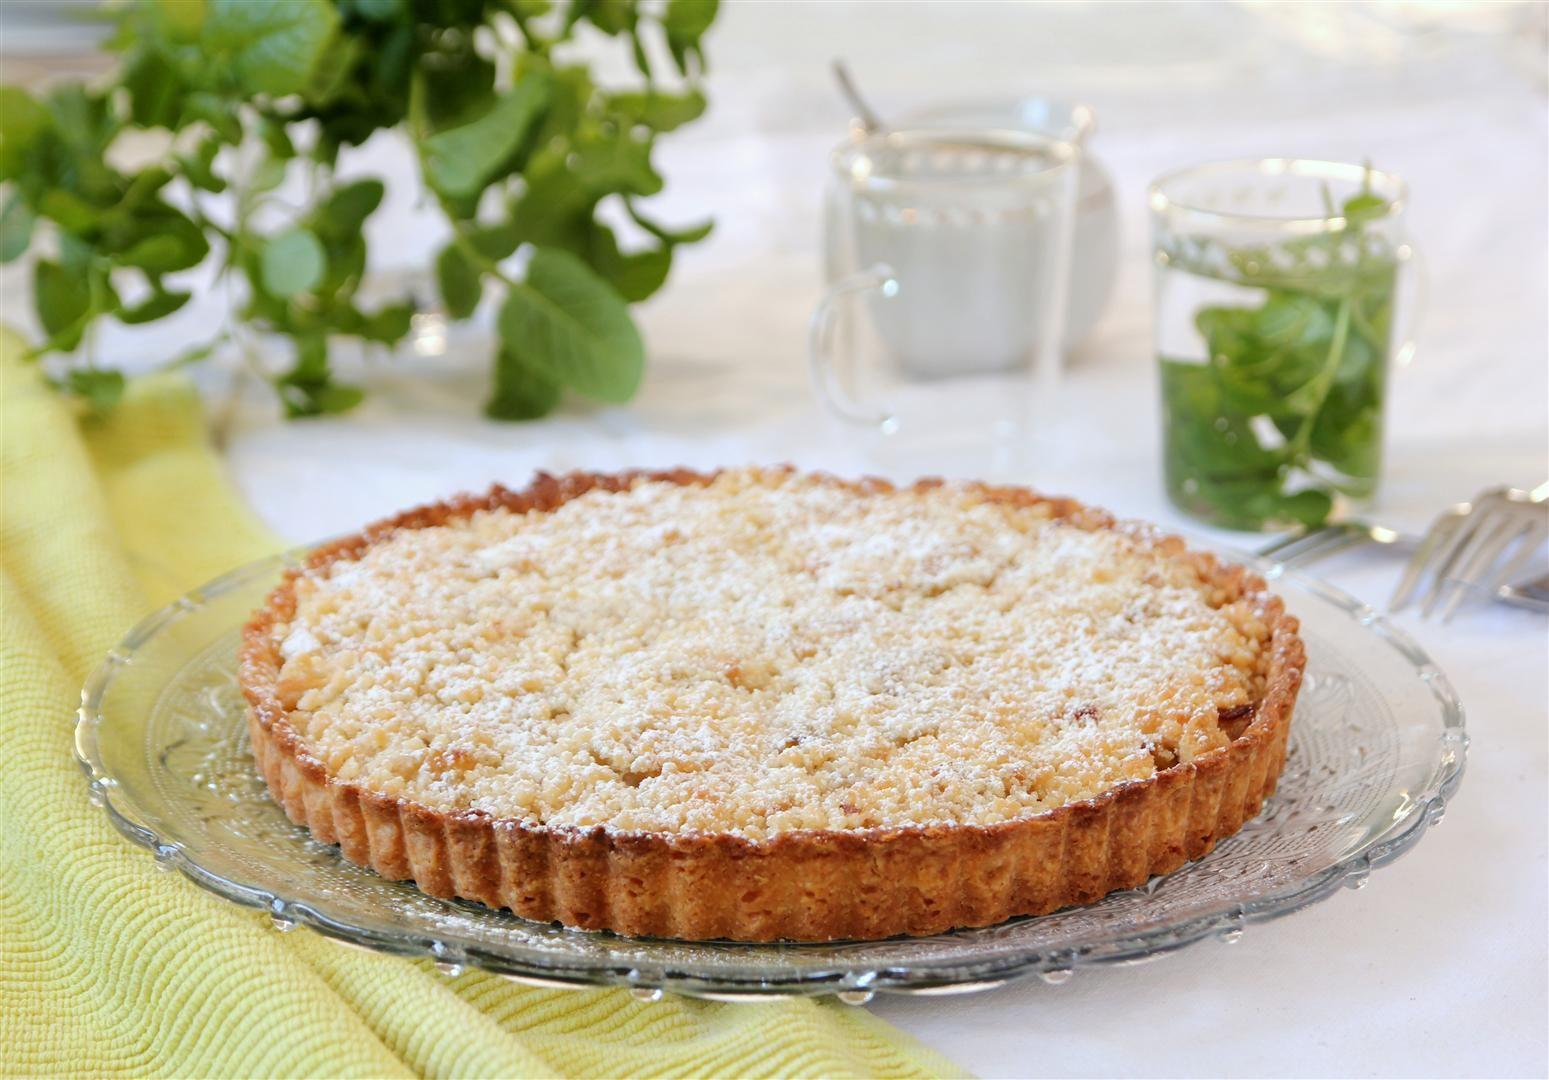 פאי תפוחים עם קראמבל אגוזי לוז